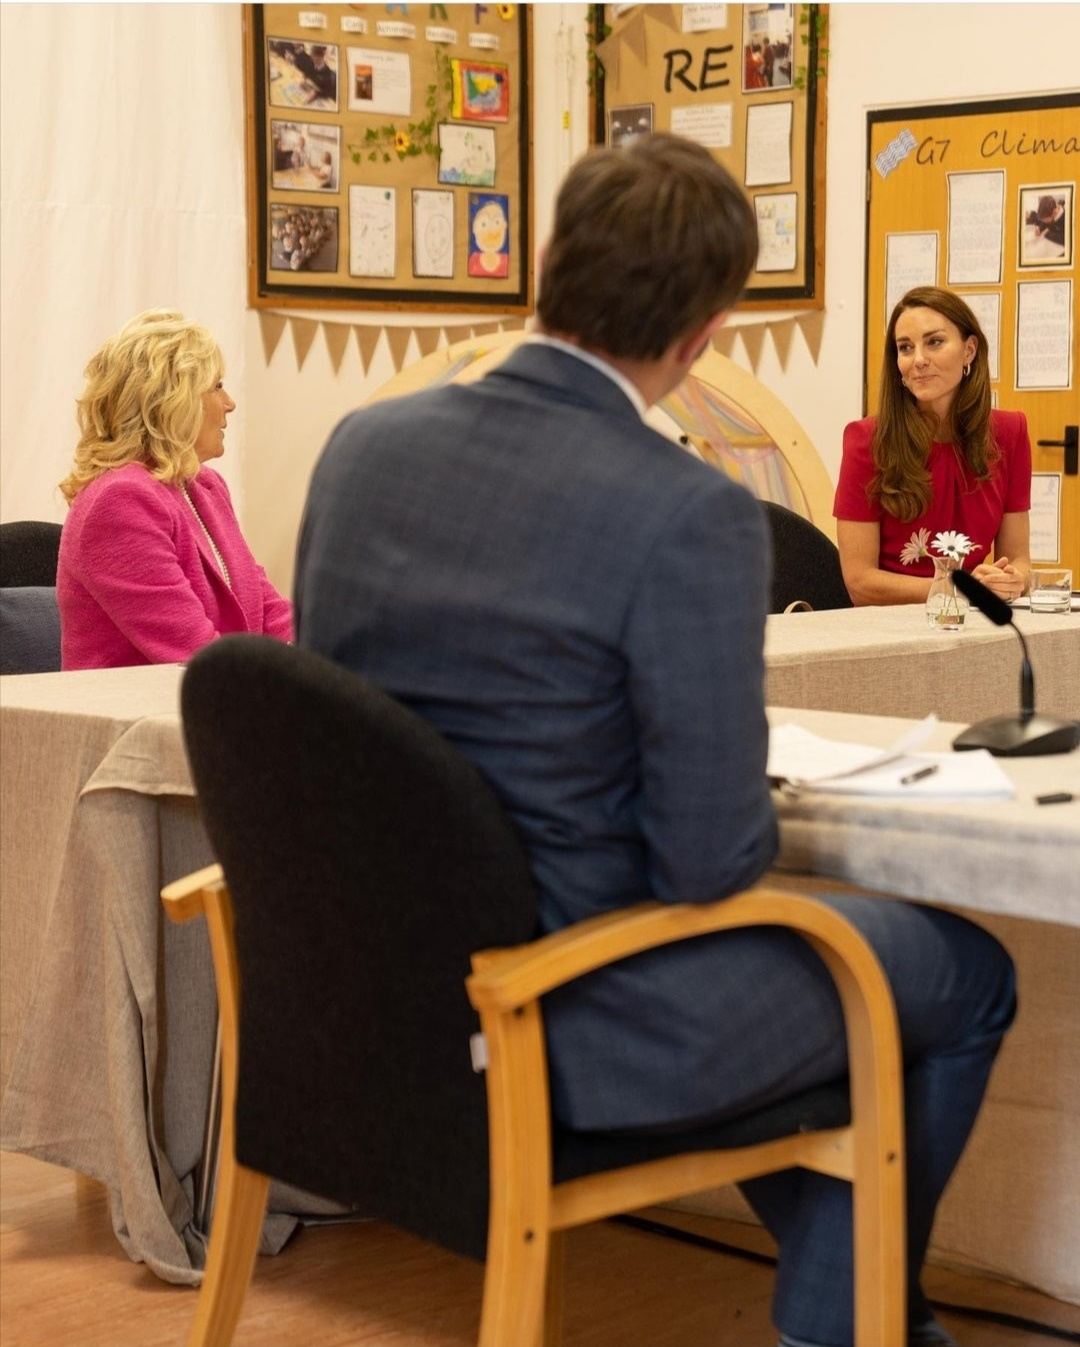 زيارة كيت ميدلتون وجيل بايدن لمدرسة كونور داونز الابتدائية- الصورة من حساب دوق ودوقة كامبريدج على إنستغرام